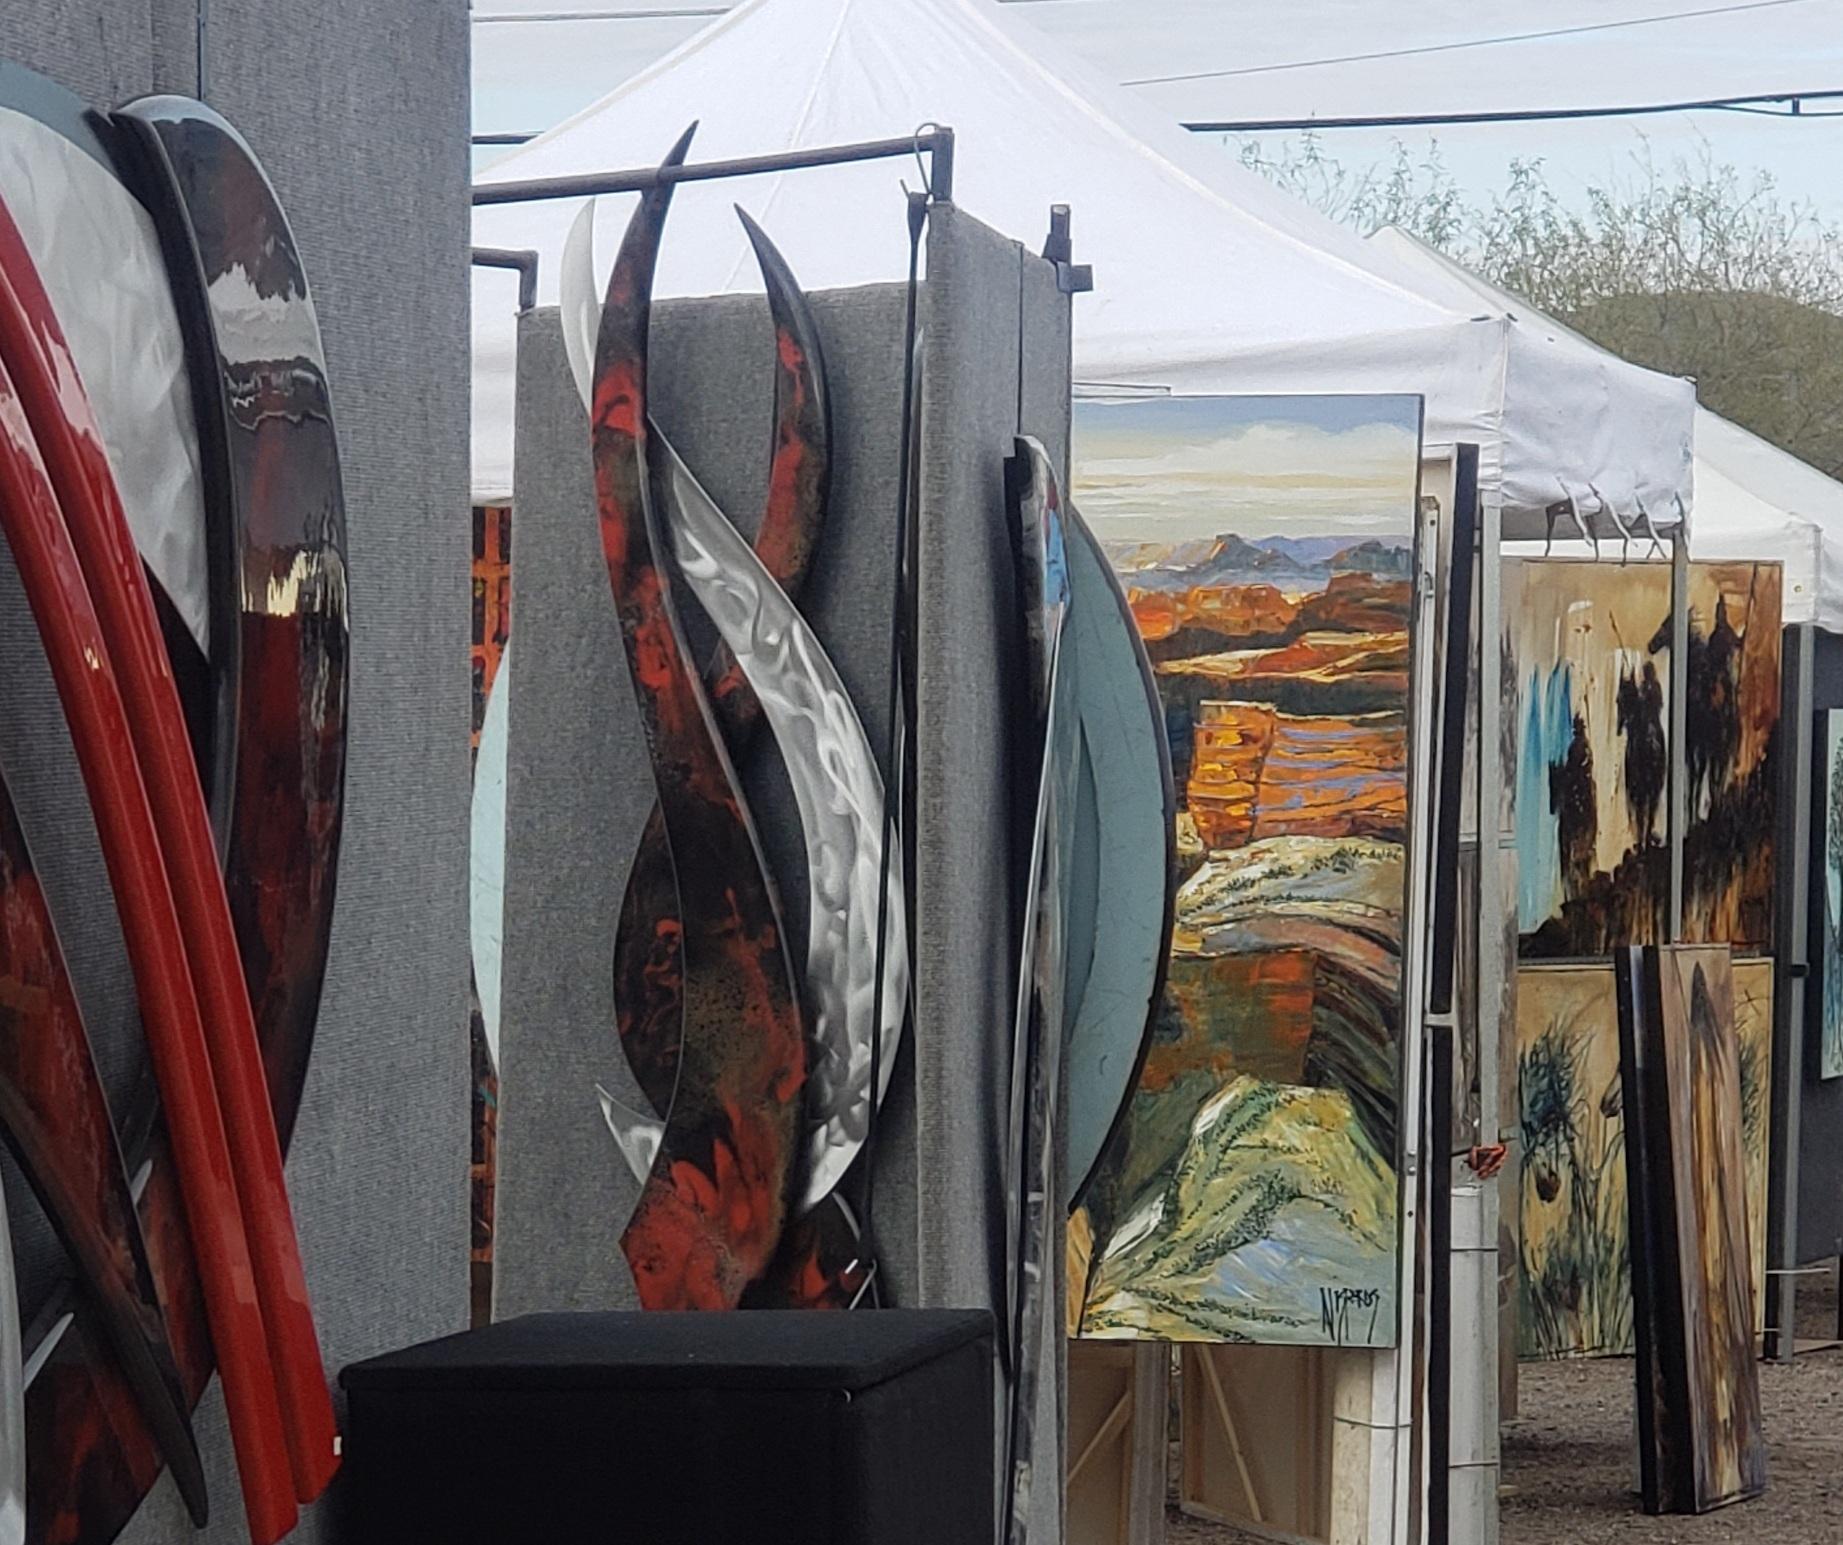 Cave Creek Art Market